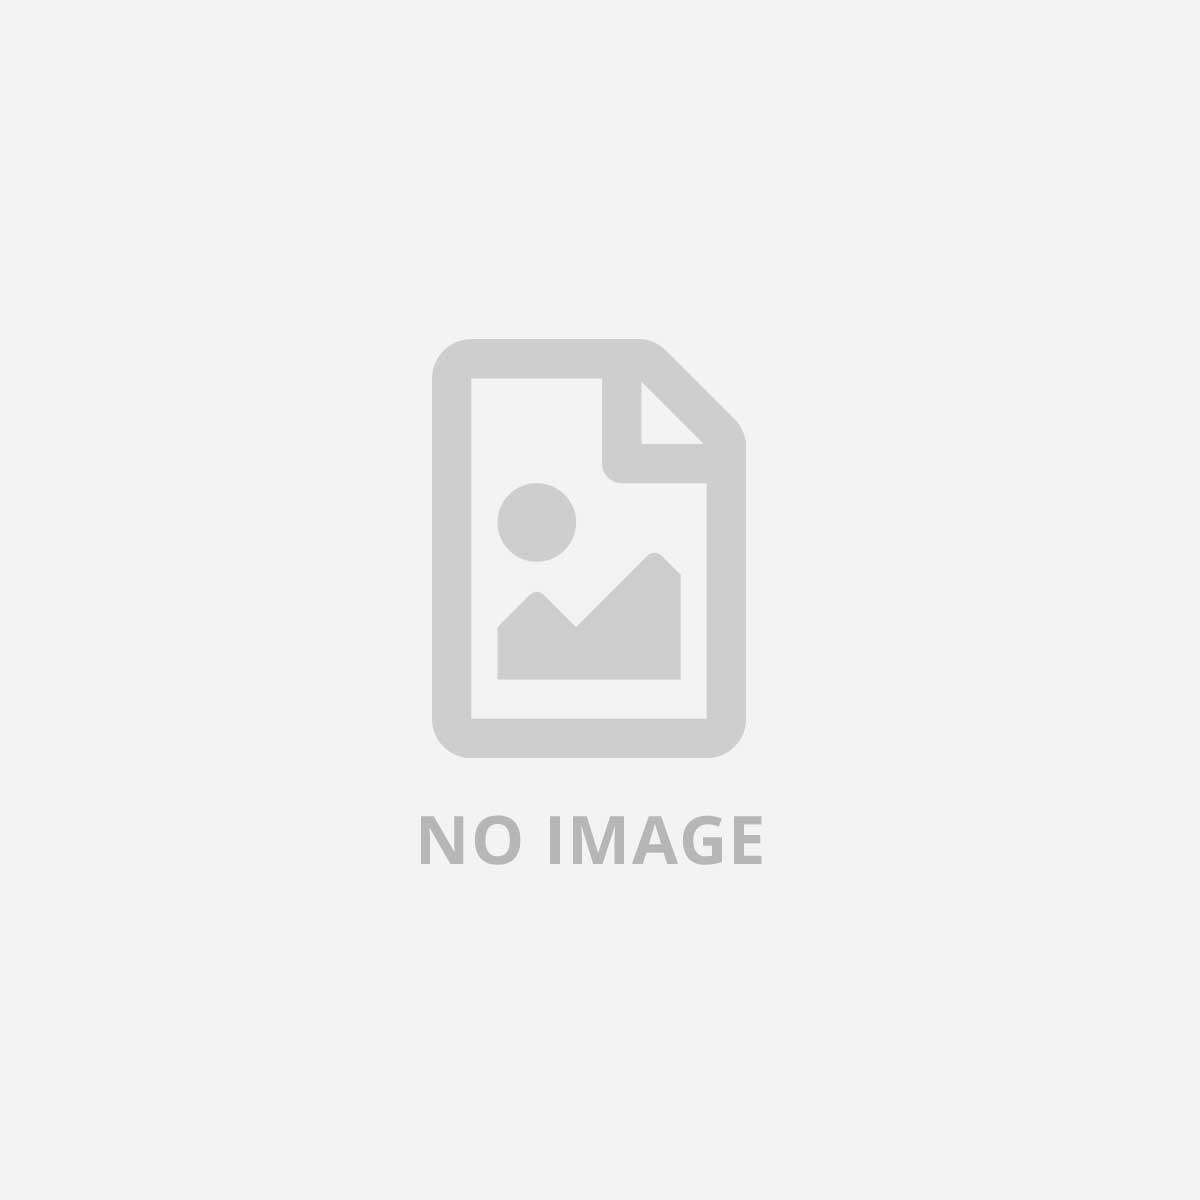 WATCHGUARD WTG AP125 3Y BASIC WI-FI